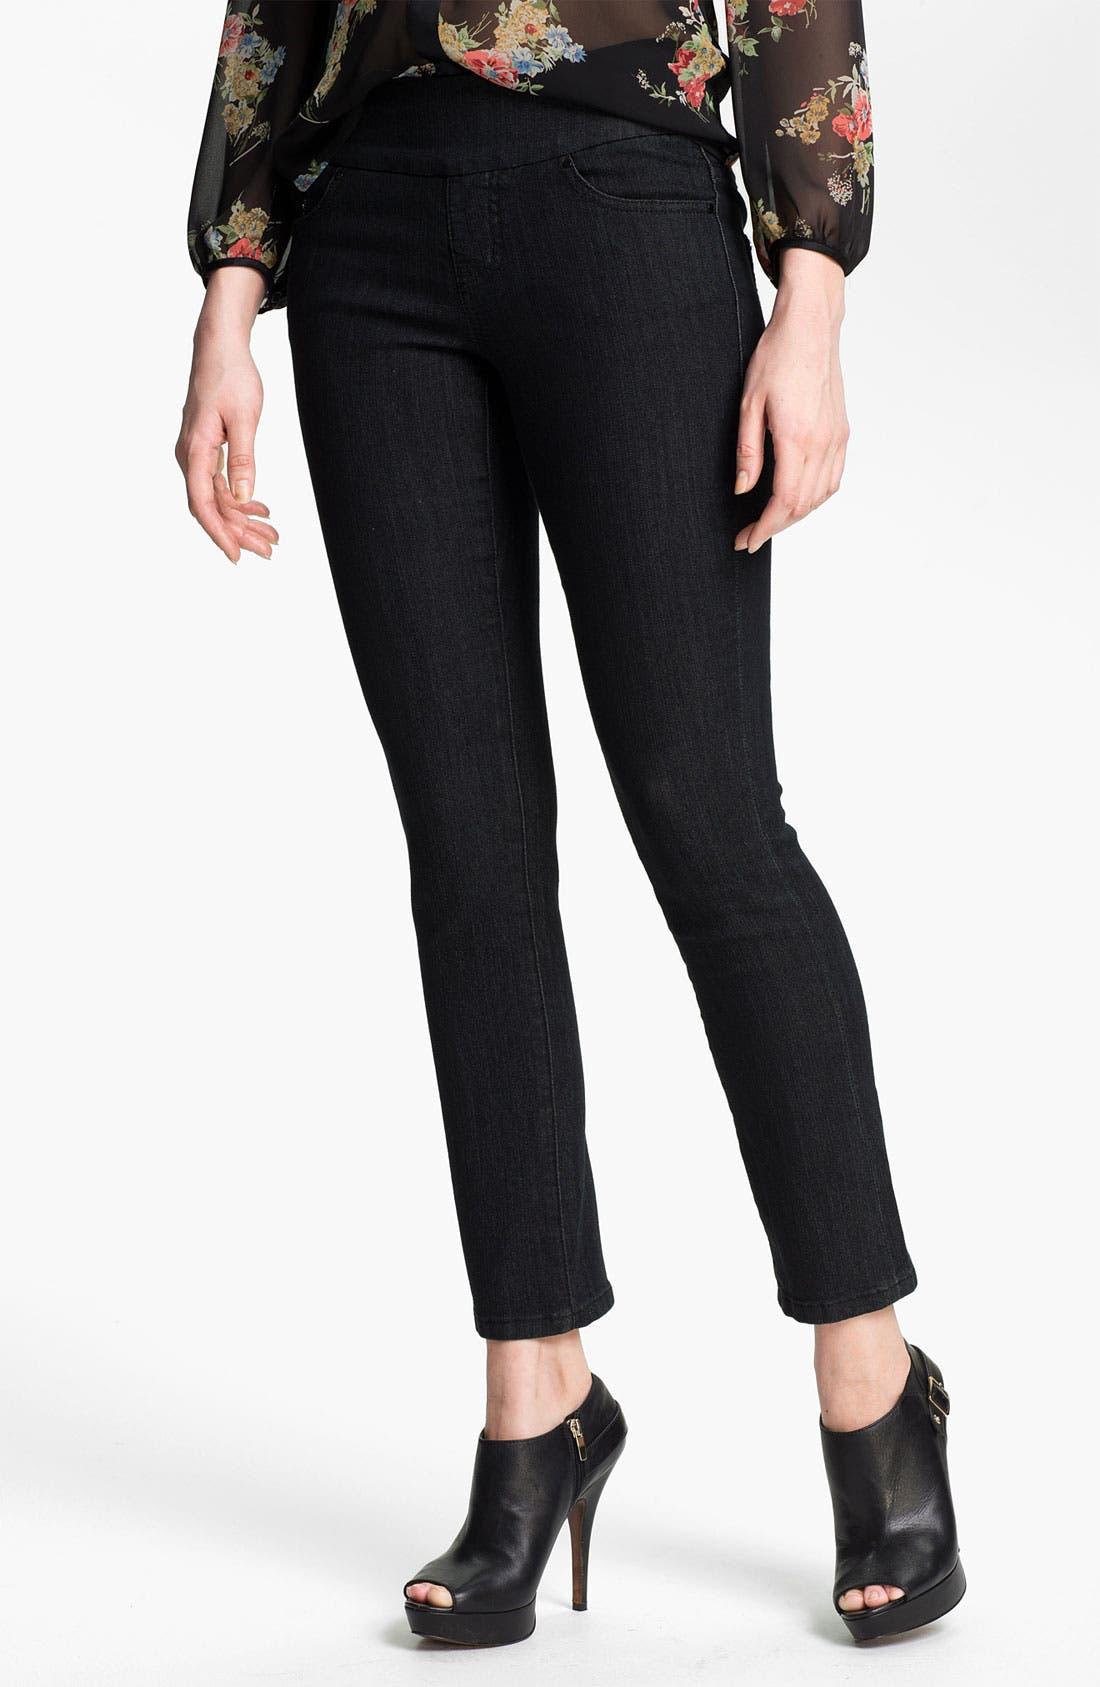 Main Image - Jag Jeans 'Tatum' Pull On Straight Leg Jeans (Petite)